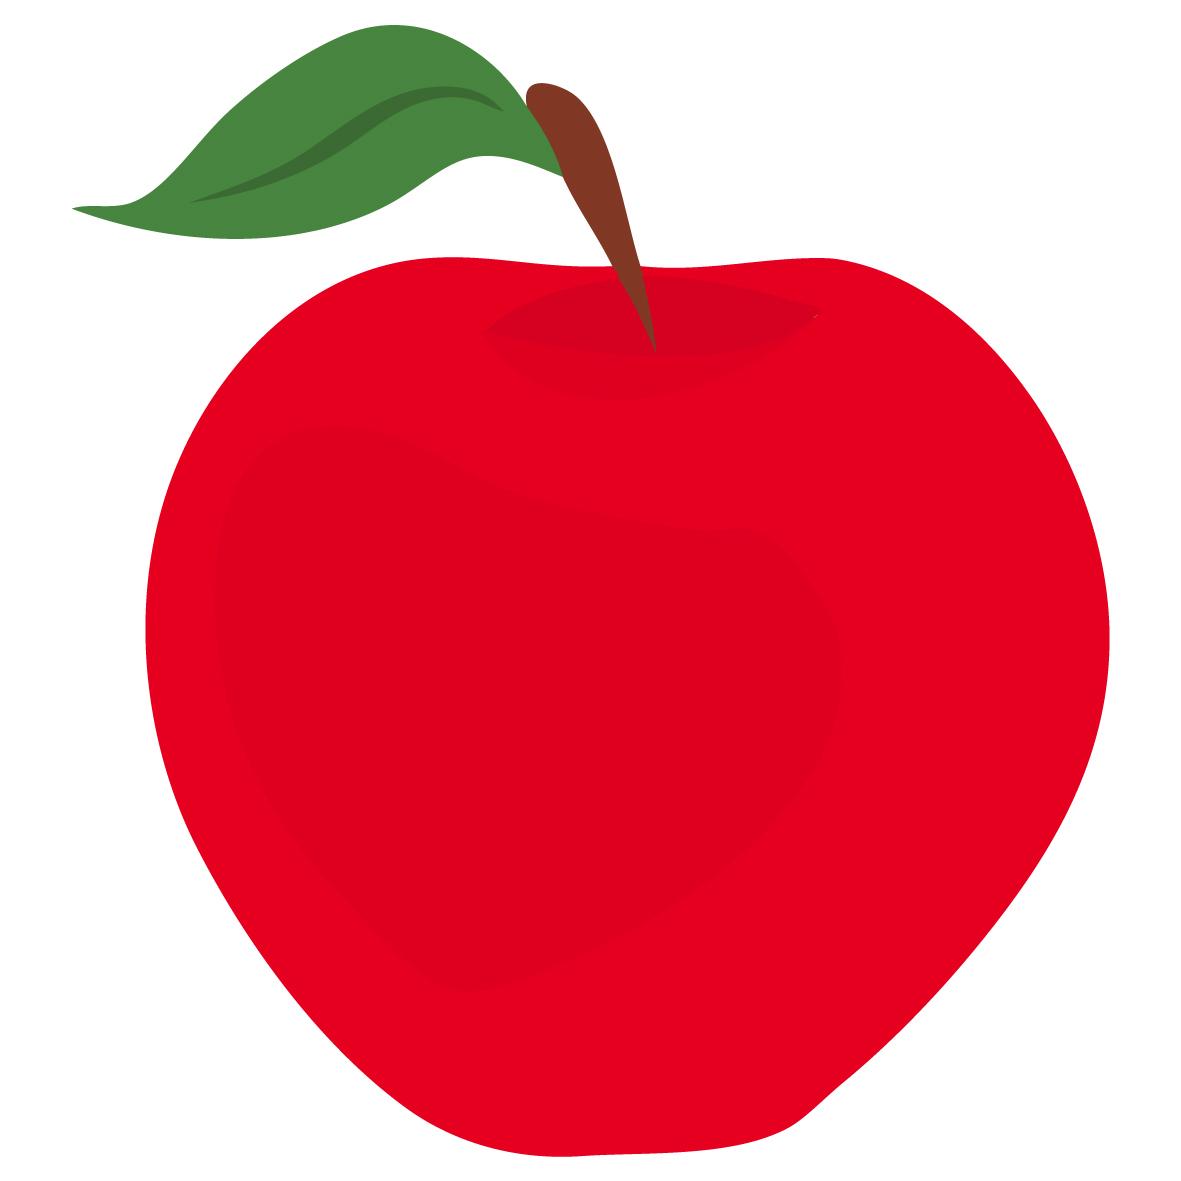 Red apple clip art tumundografico 2